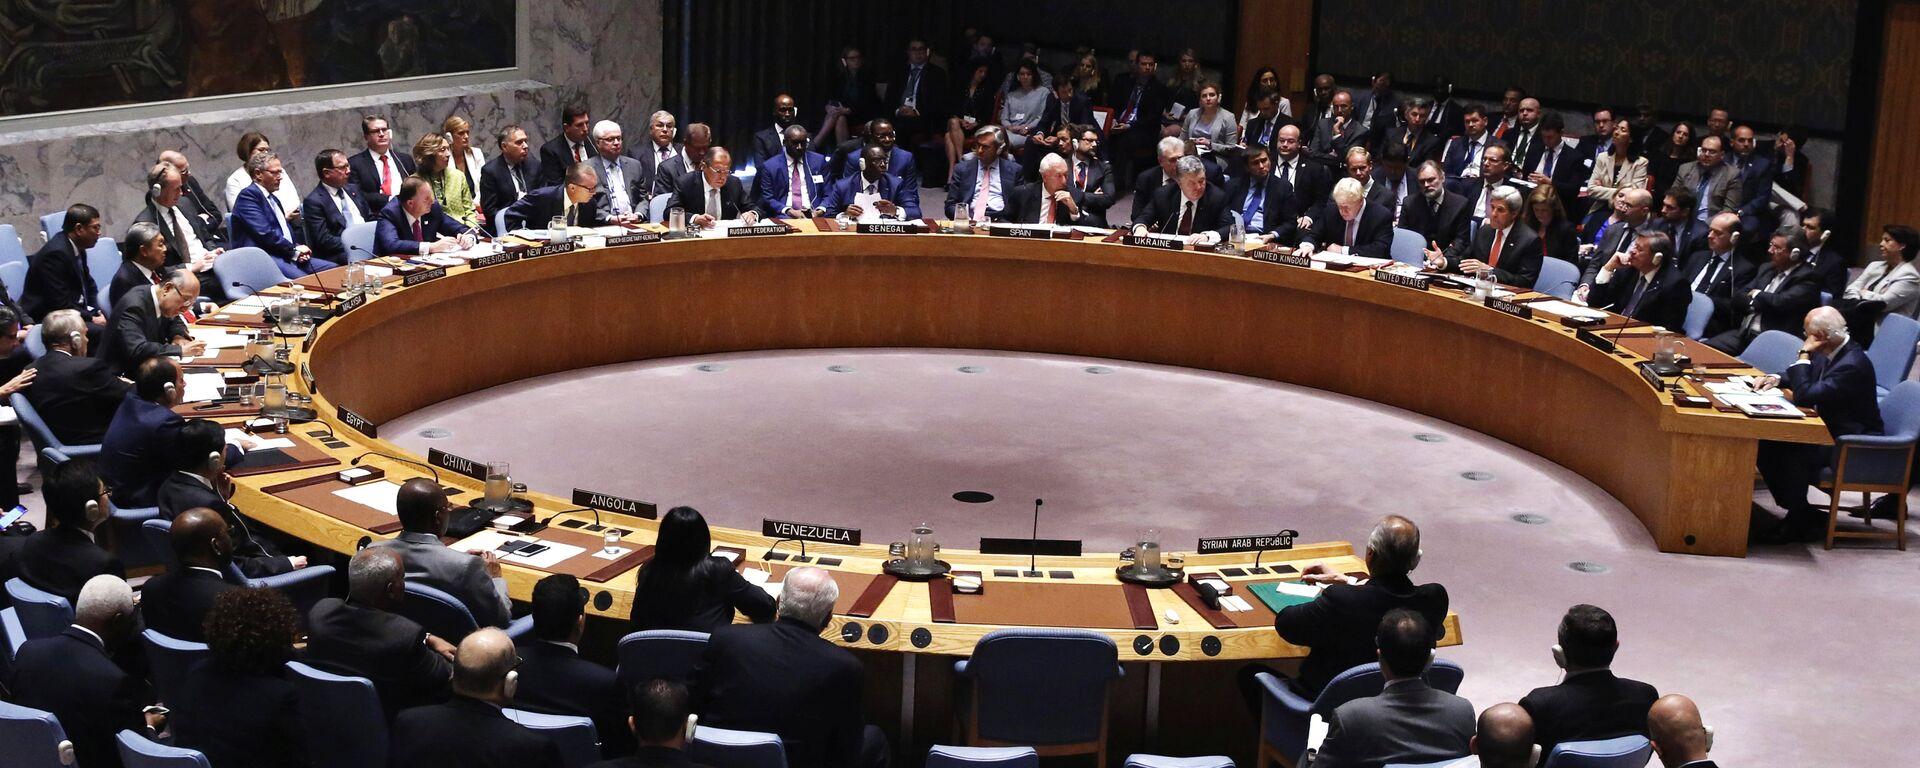 Consejo de Seguridad de la ONU en la sede en Nueva York (archivo) - Sputnik Mundo, 1920, 17.05.2021